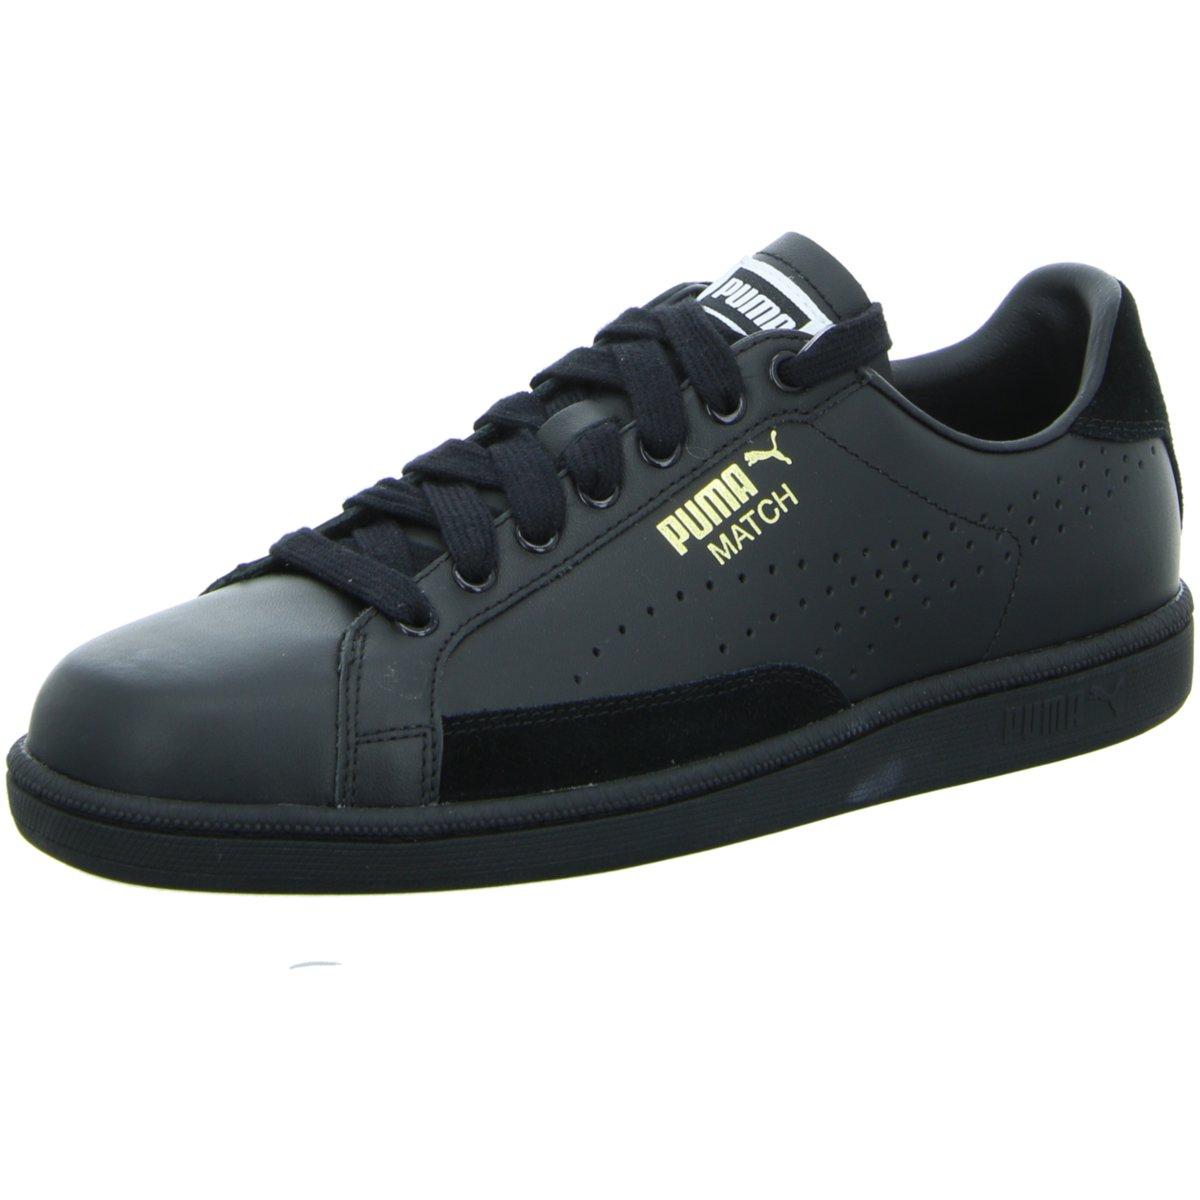 Details zu Puma Herren Sneaker Match 74 UPC 359518 schwarz 122733